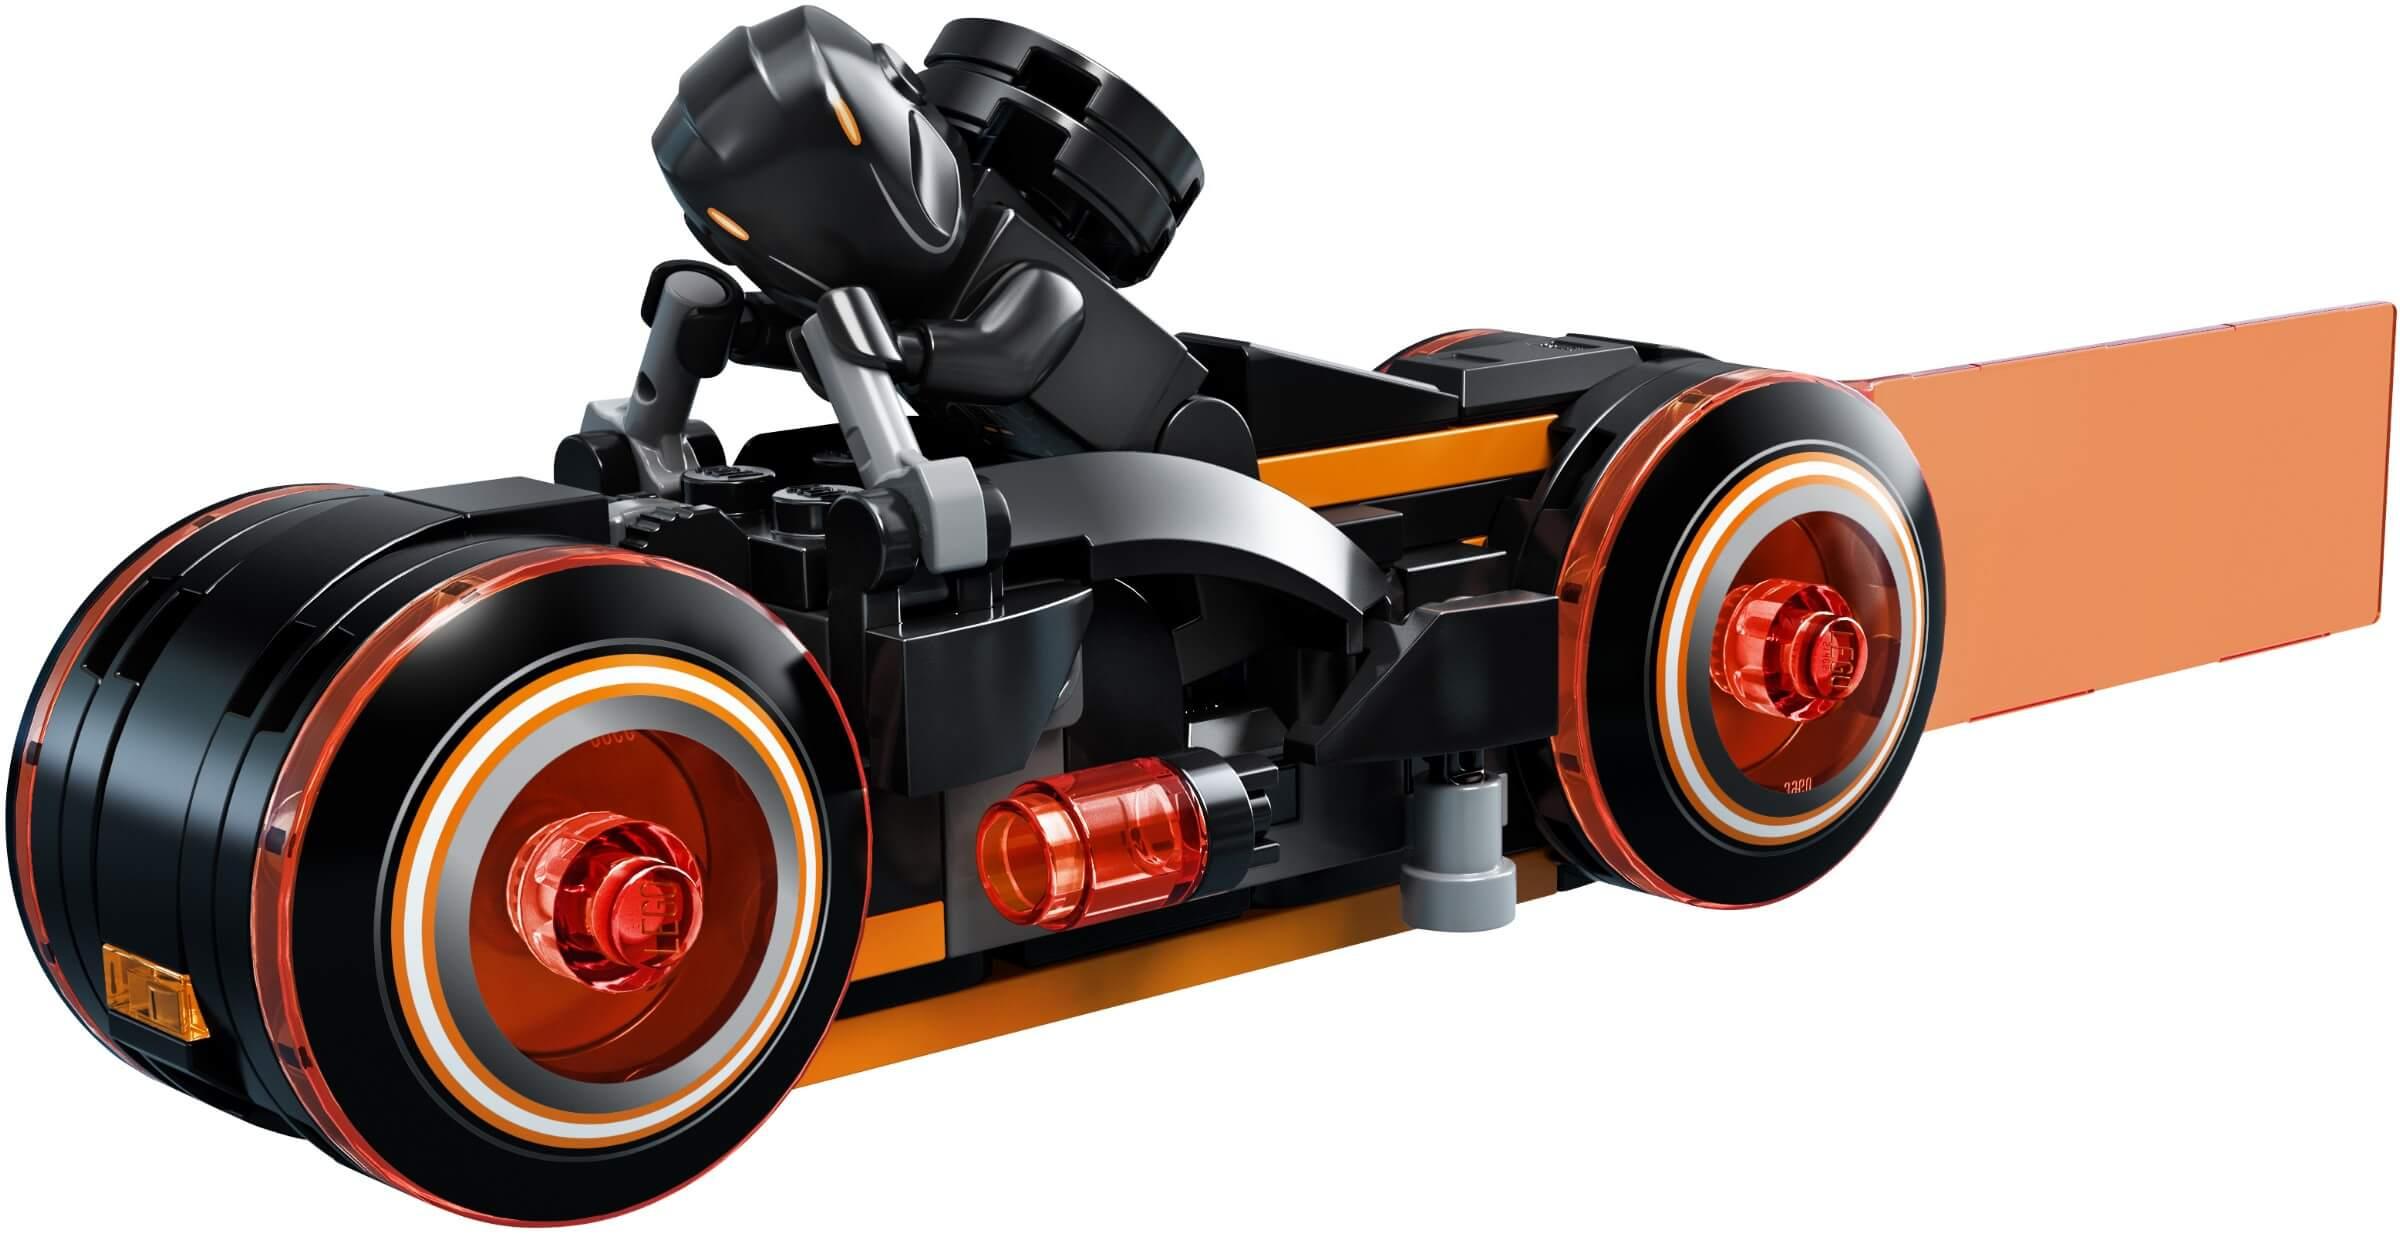 Mua đồ chơi LEGO 21314 - LEGO Ideas 21314 - TRON: Legacy (LEGO 21314 TRON: Legacy)